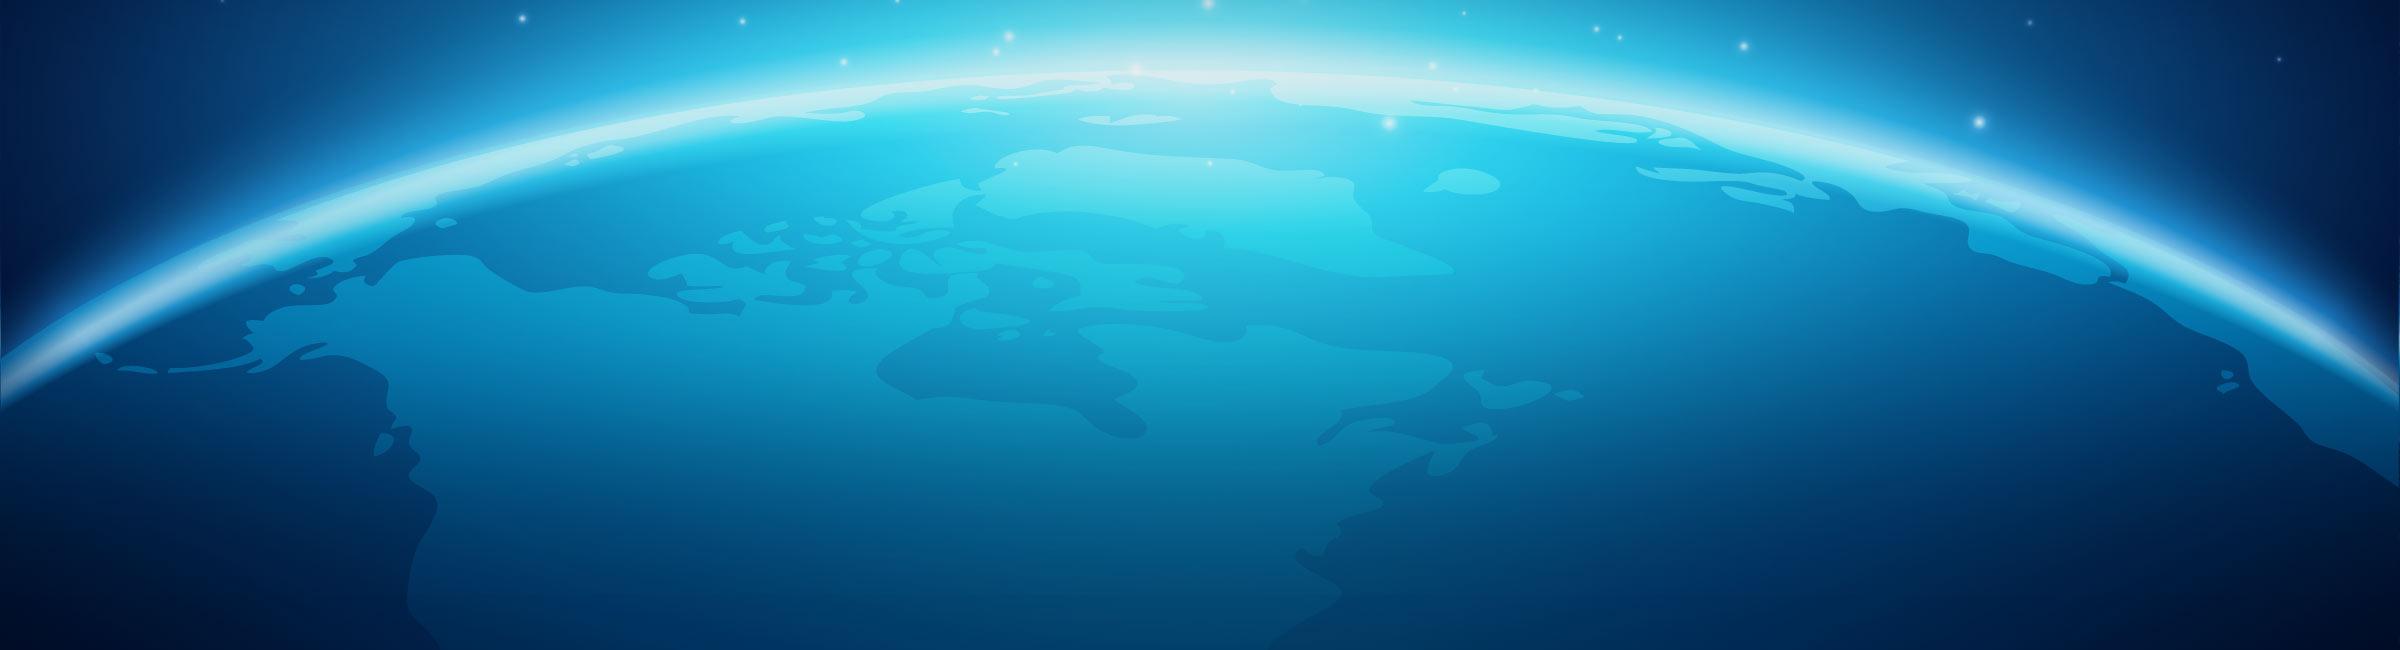 bg-globe